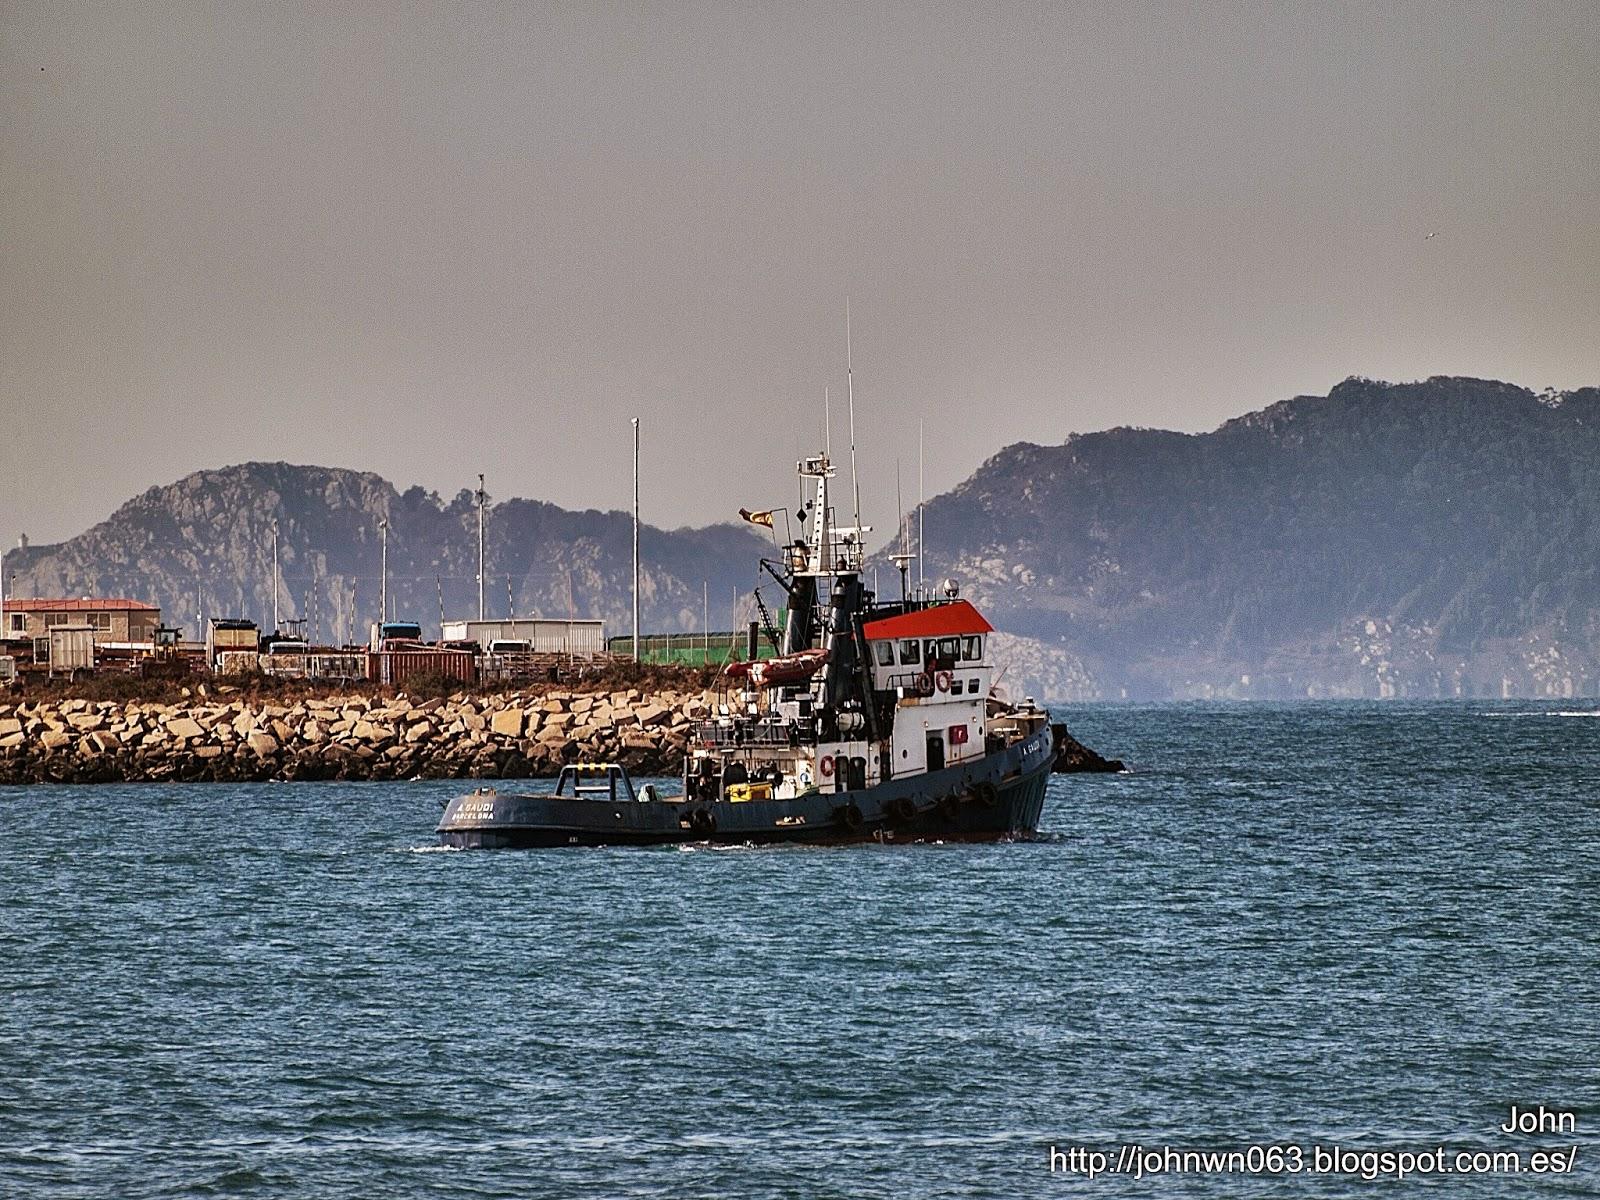 fotos de barcos, imagenes de barcos, a. gaudi, remolcador, vigo